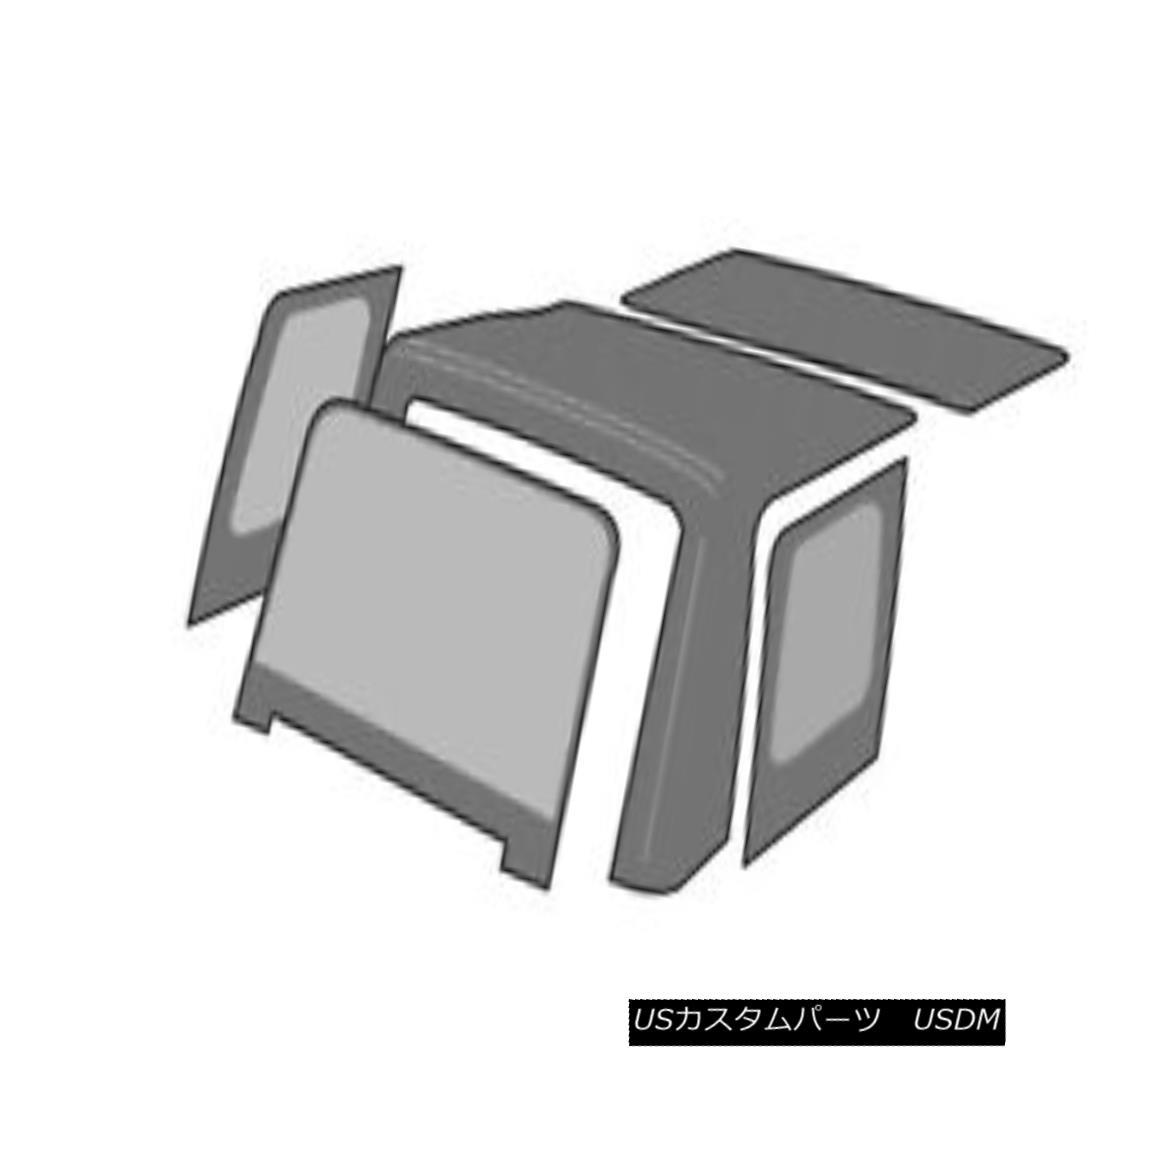 幌・ソフトトップ Rampage 99515 Factory Replacement Soft Top Fits 97-06 Wrangler (TJ) Rampage 99515工場交換ソフトトップフィット97-06 Wrangler(TJ)